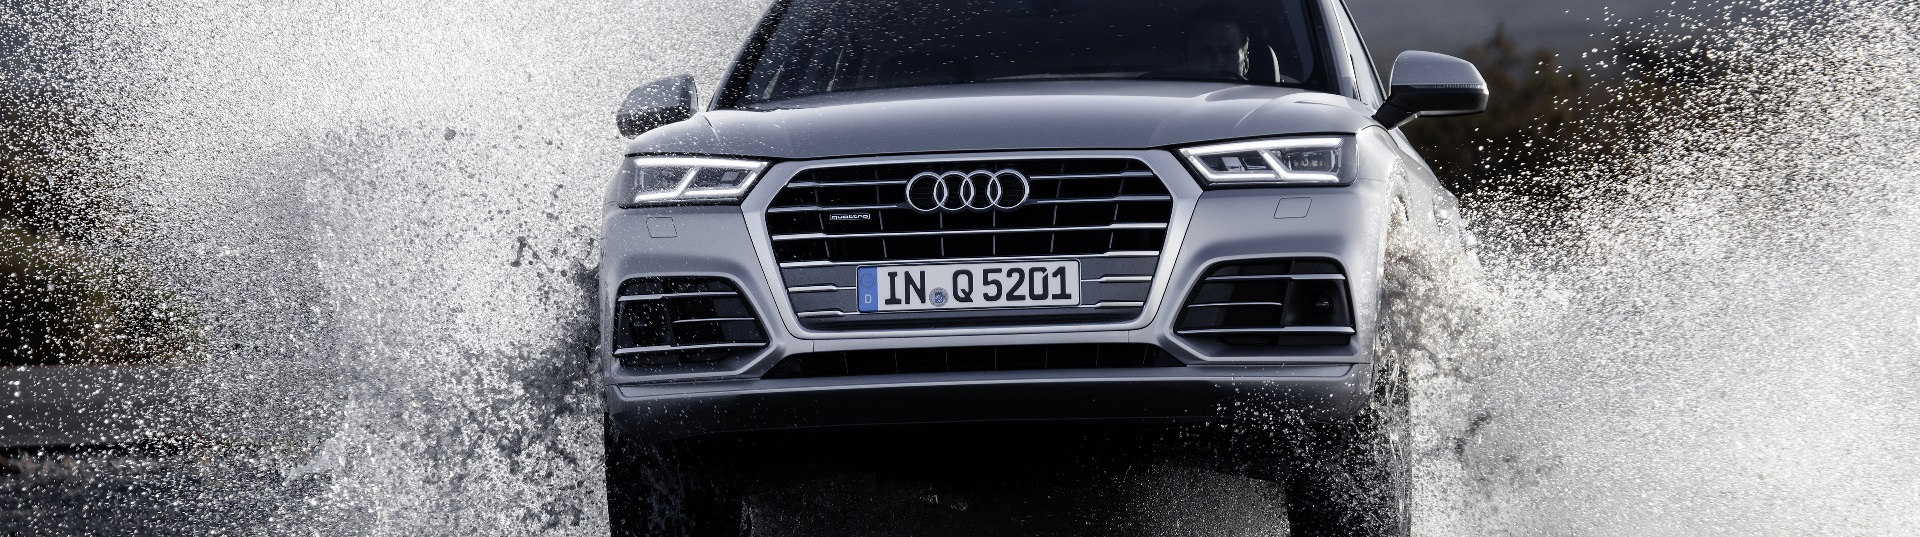 Audi Q5_1920